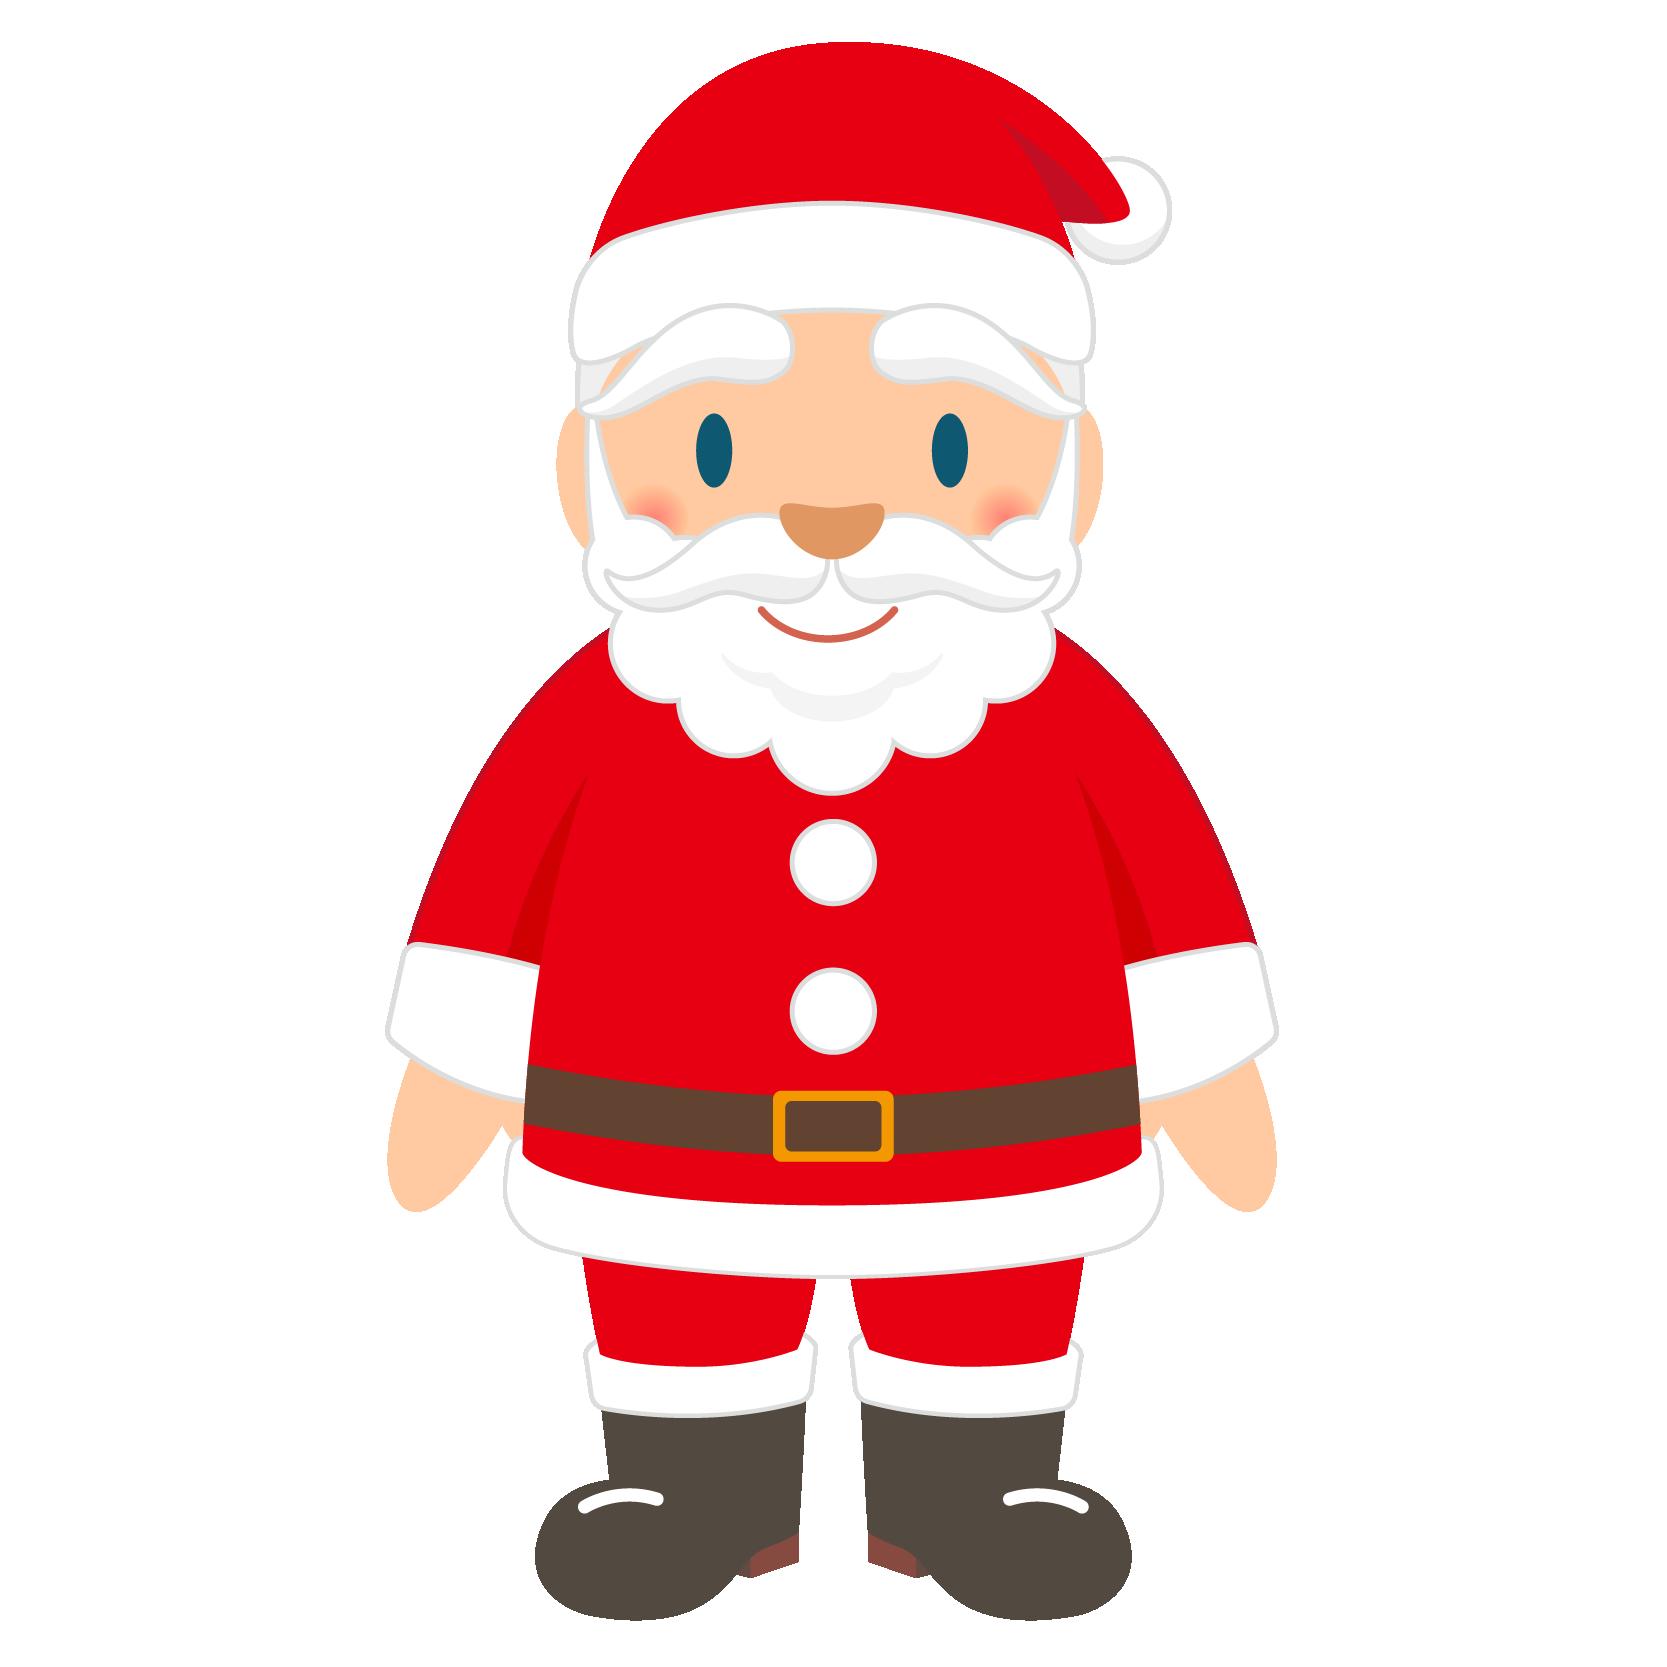 商用フリー・無料イラスト_クリスマス_サンタクロース(Santa Claus)_全身